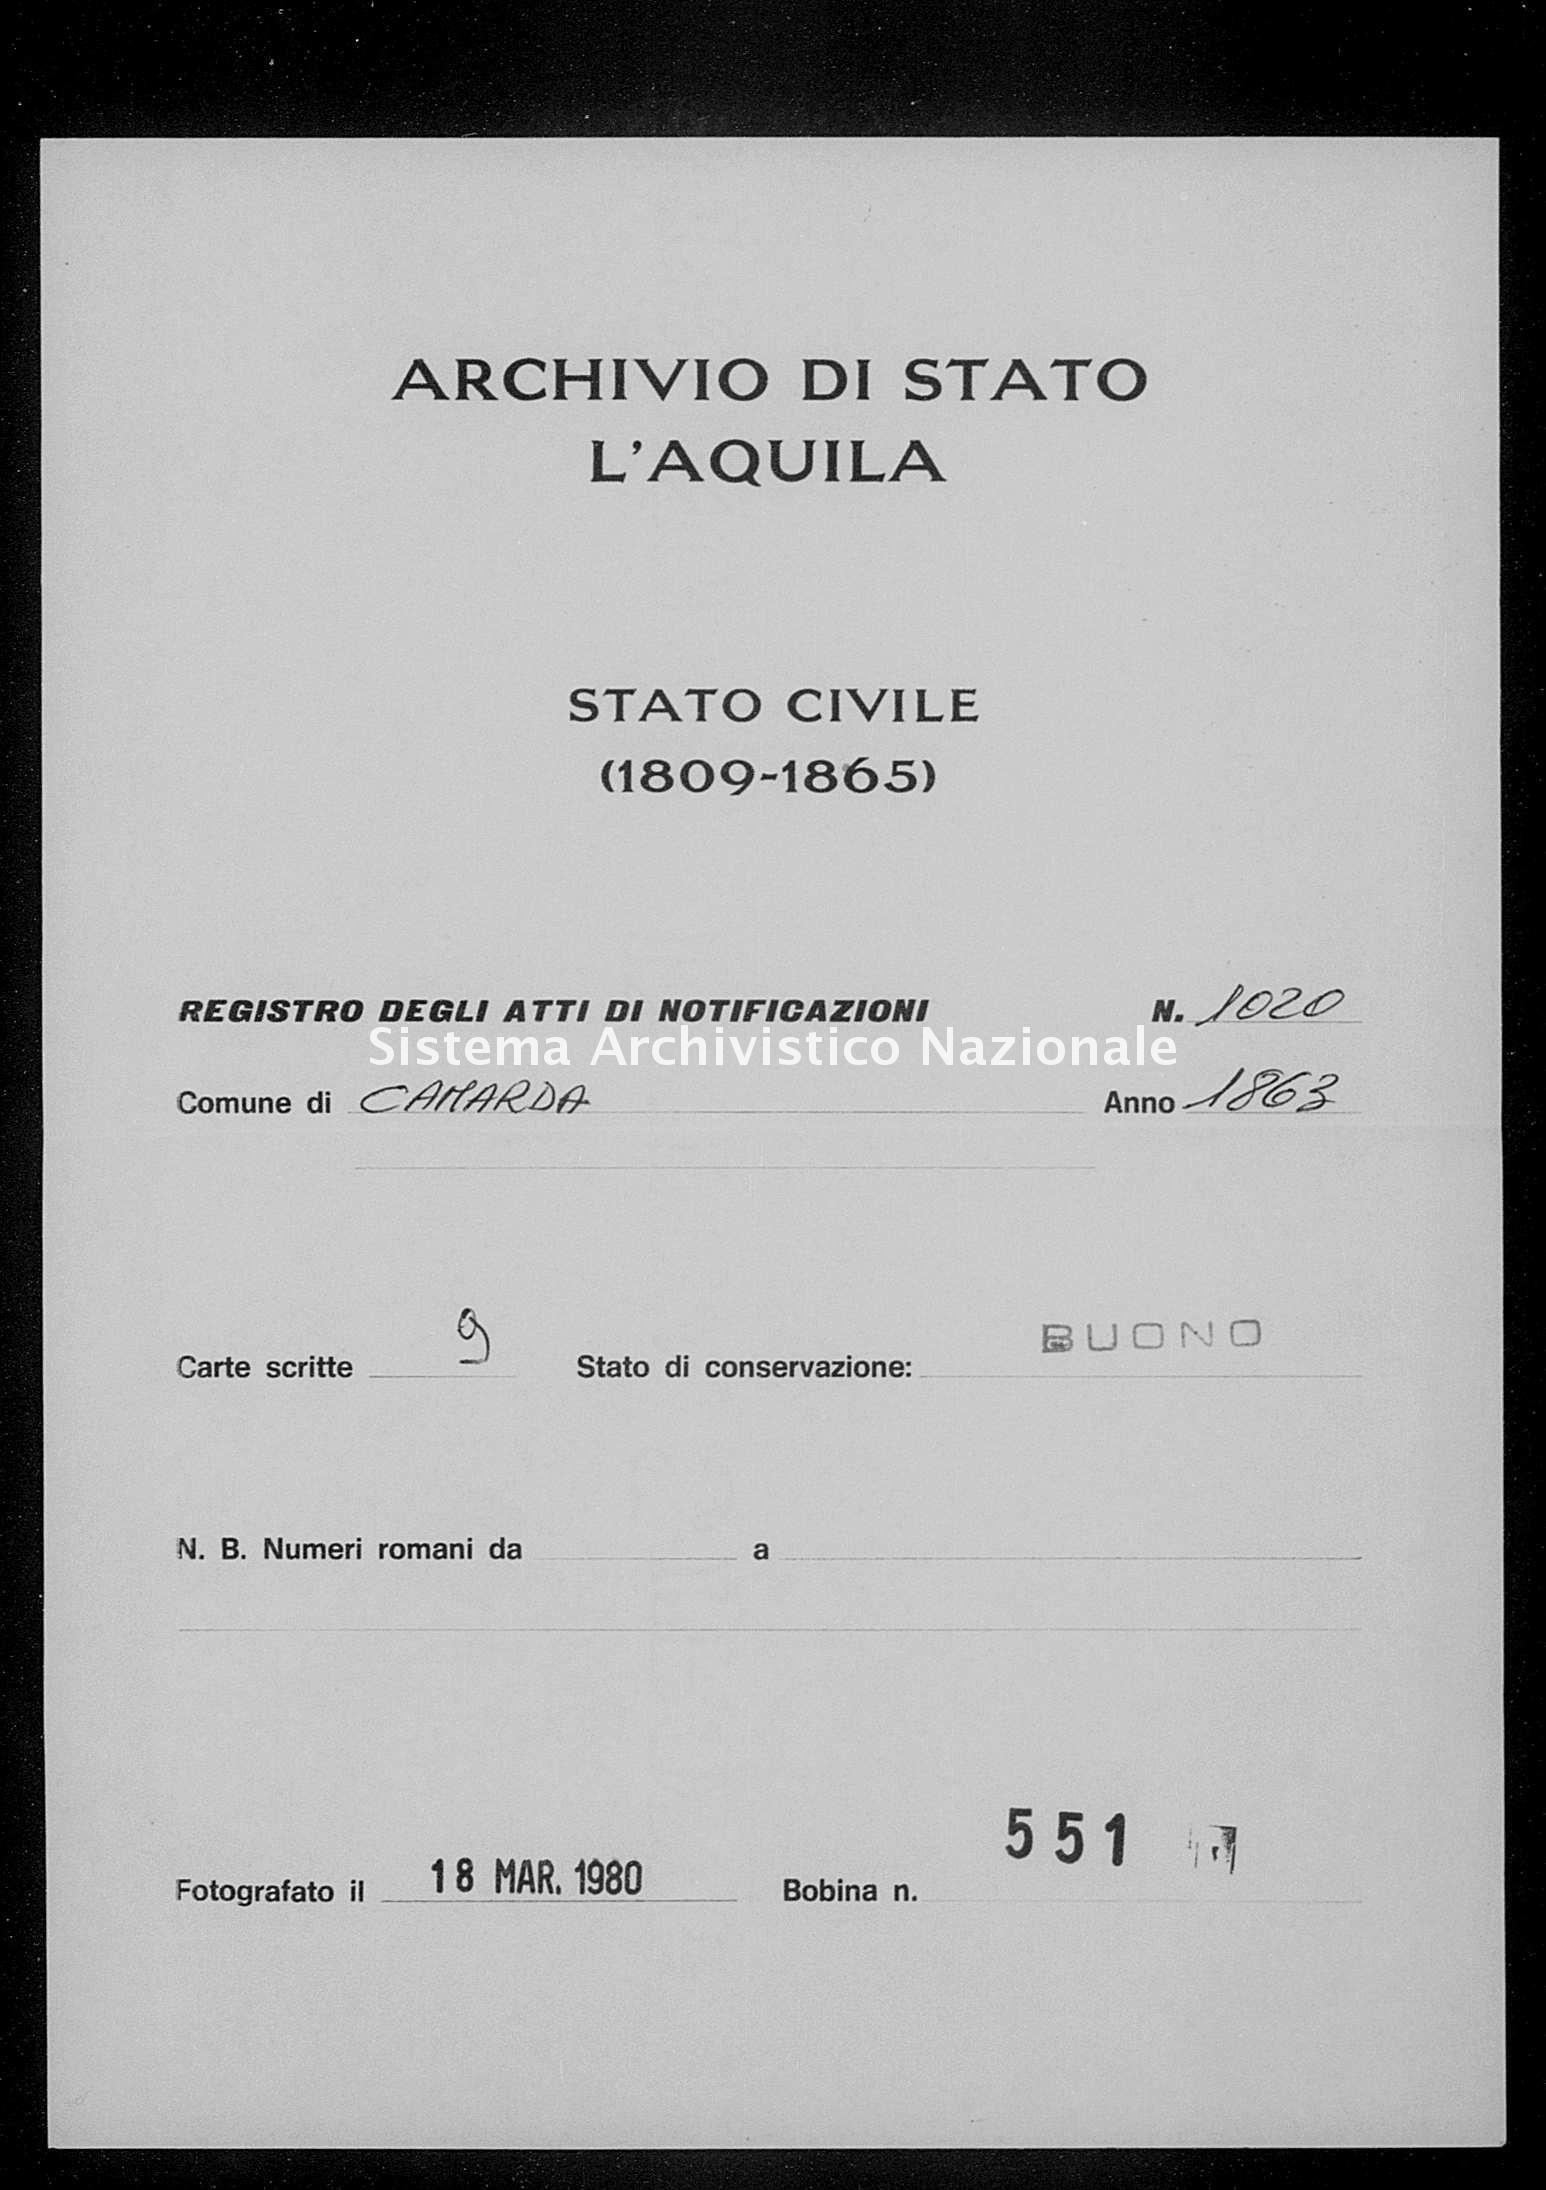 Archivio di stato di L'aquila - Stato civile italiano - Camarda - Matrimoni, memorandum notificazioni ed opposizioni - 1863 - 1020 -